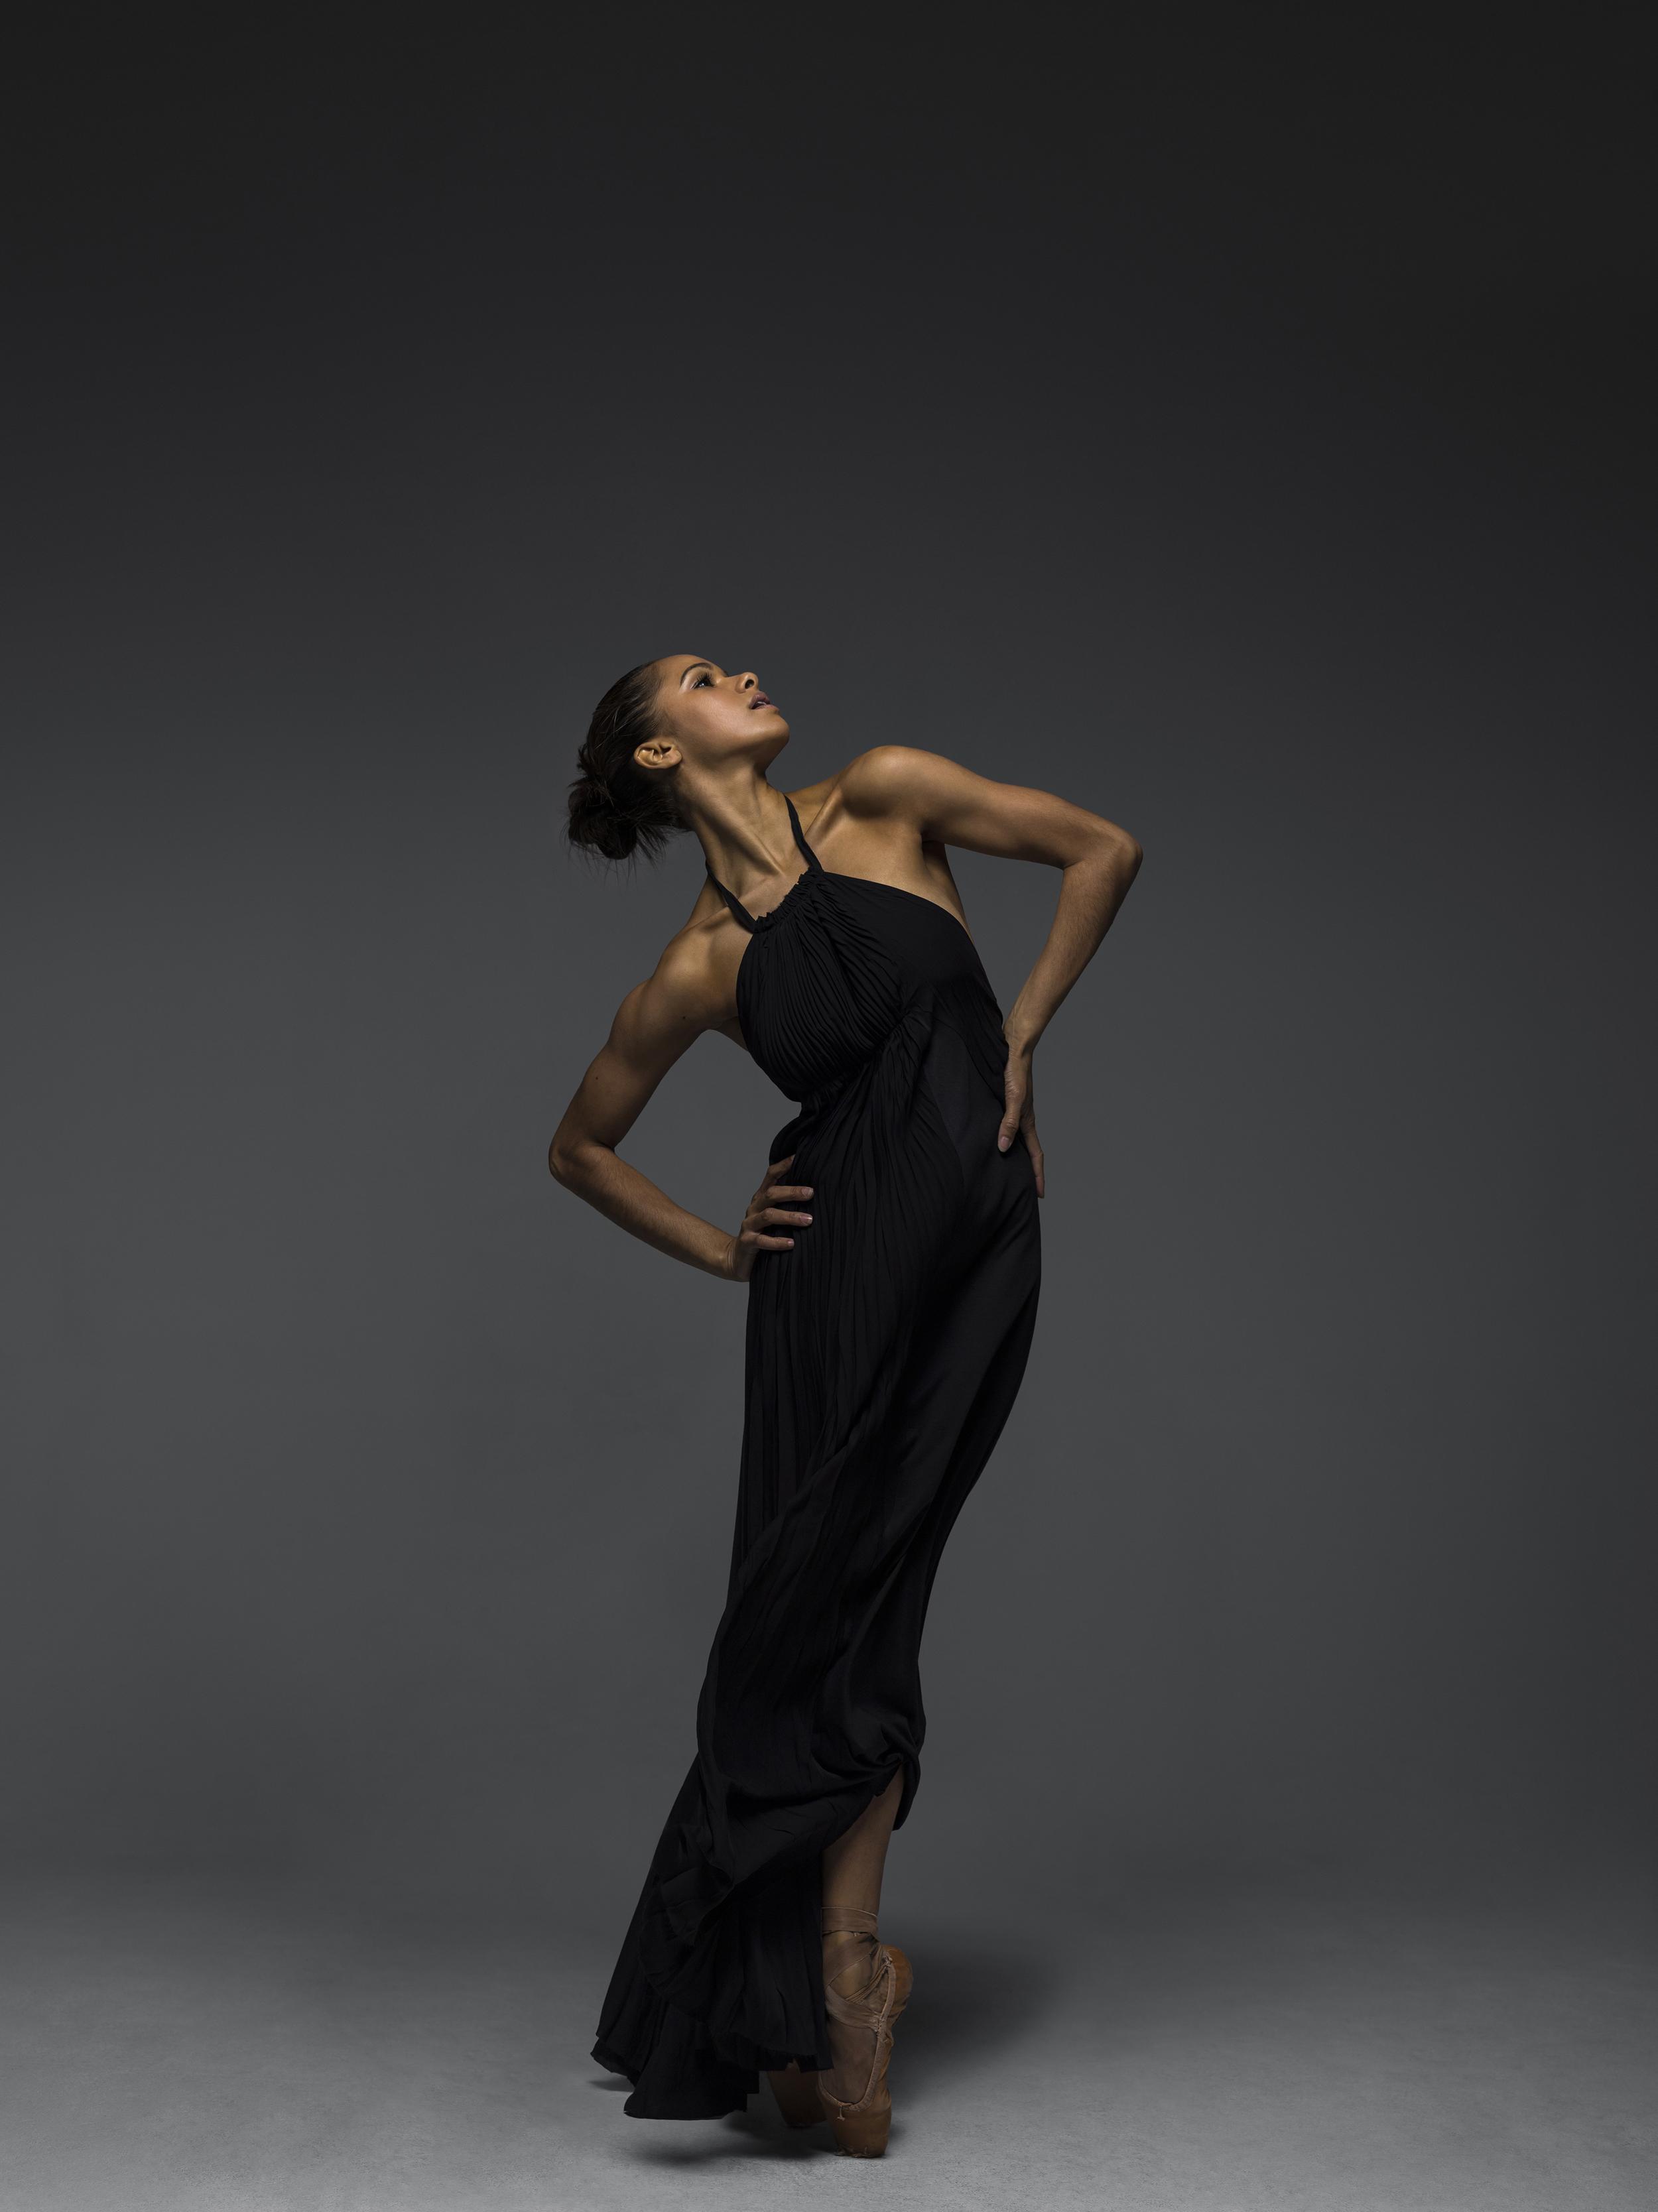 balletStudio-5_5_201371602.jpg